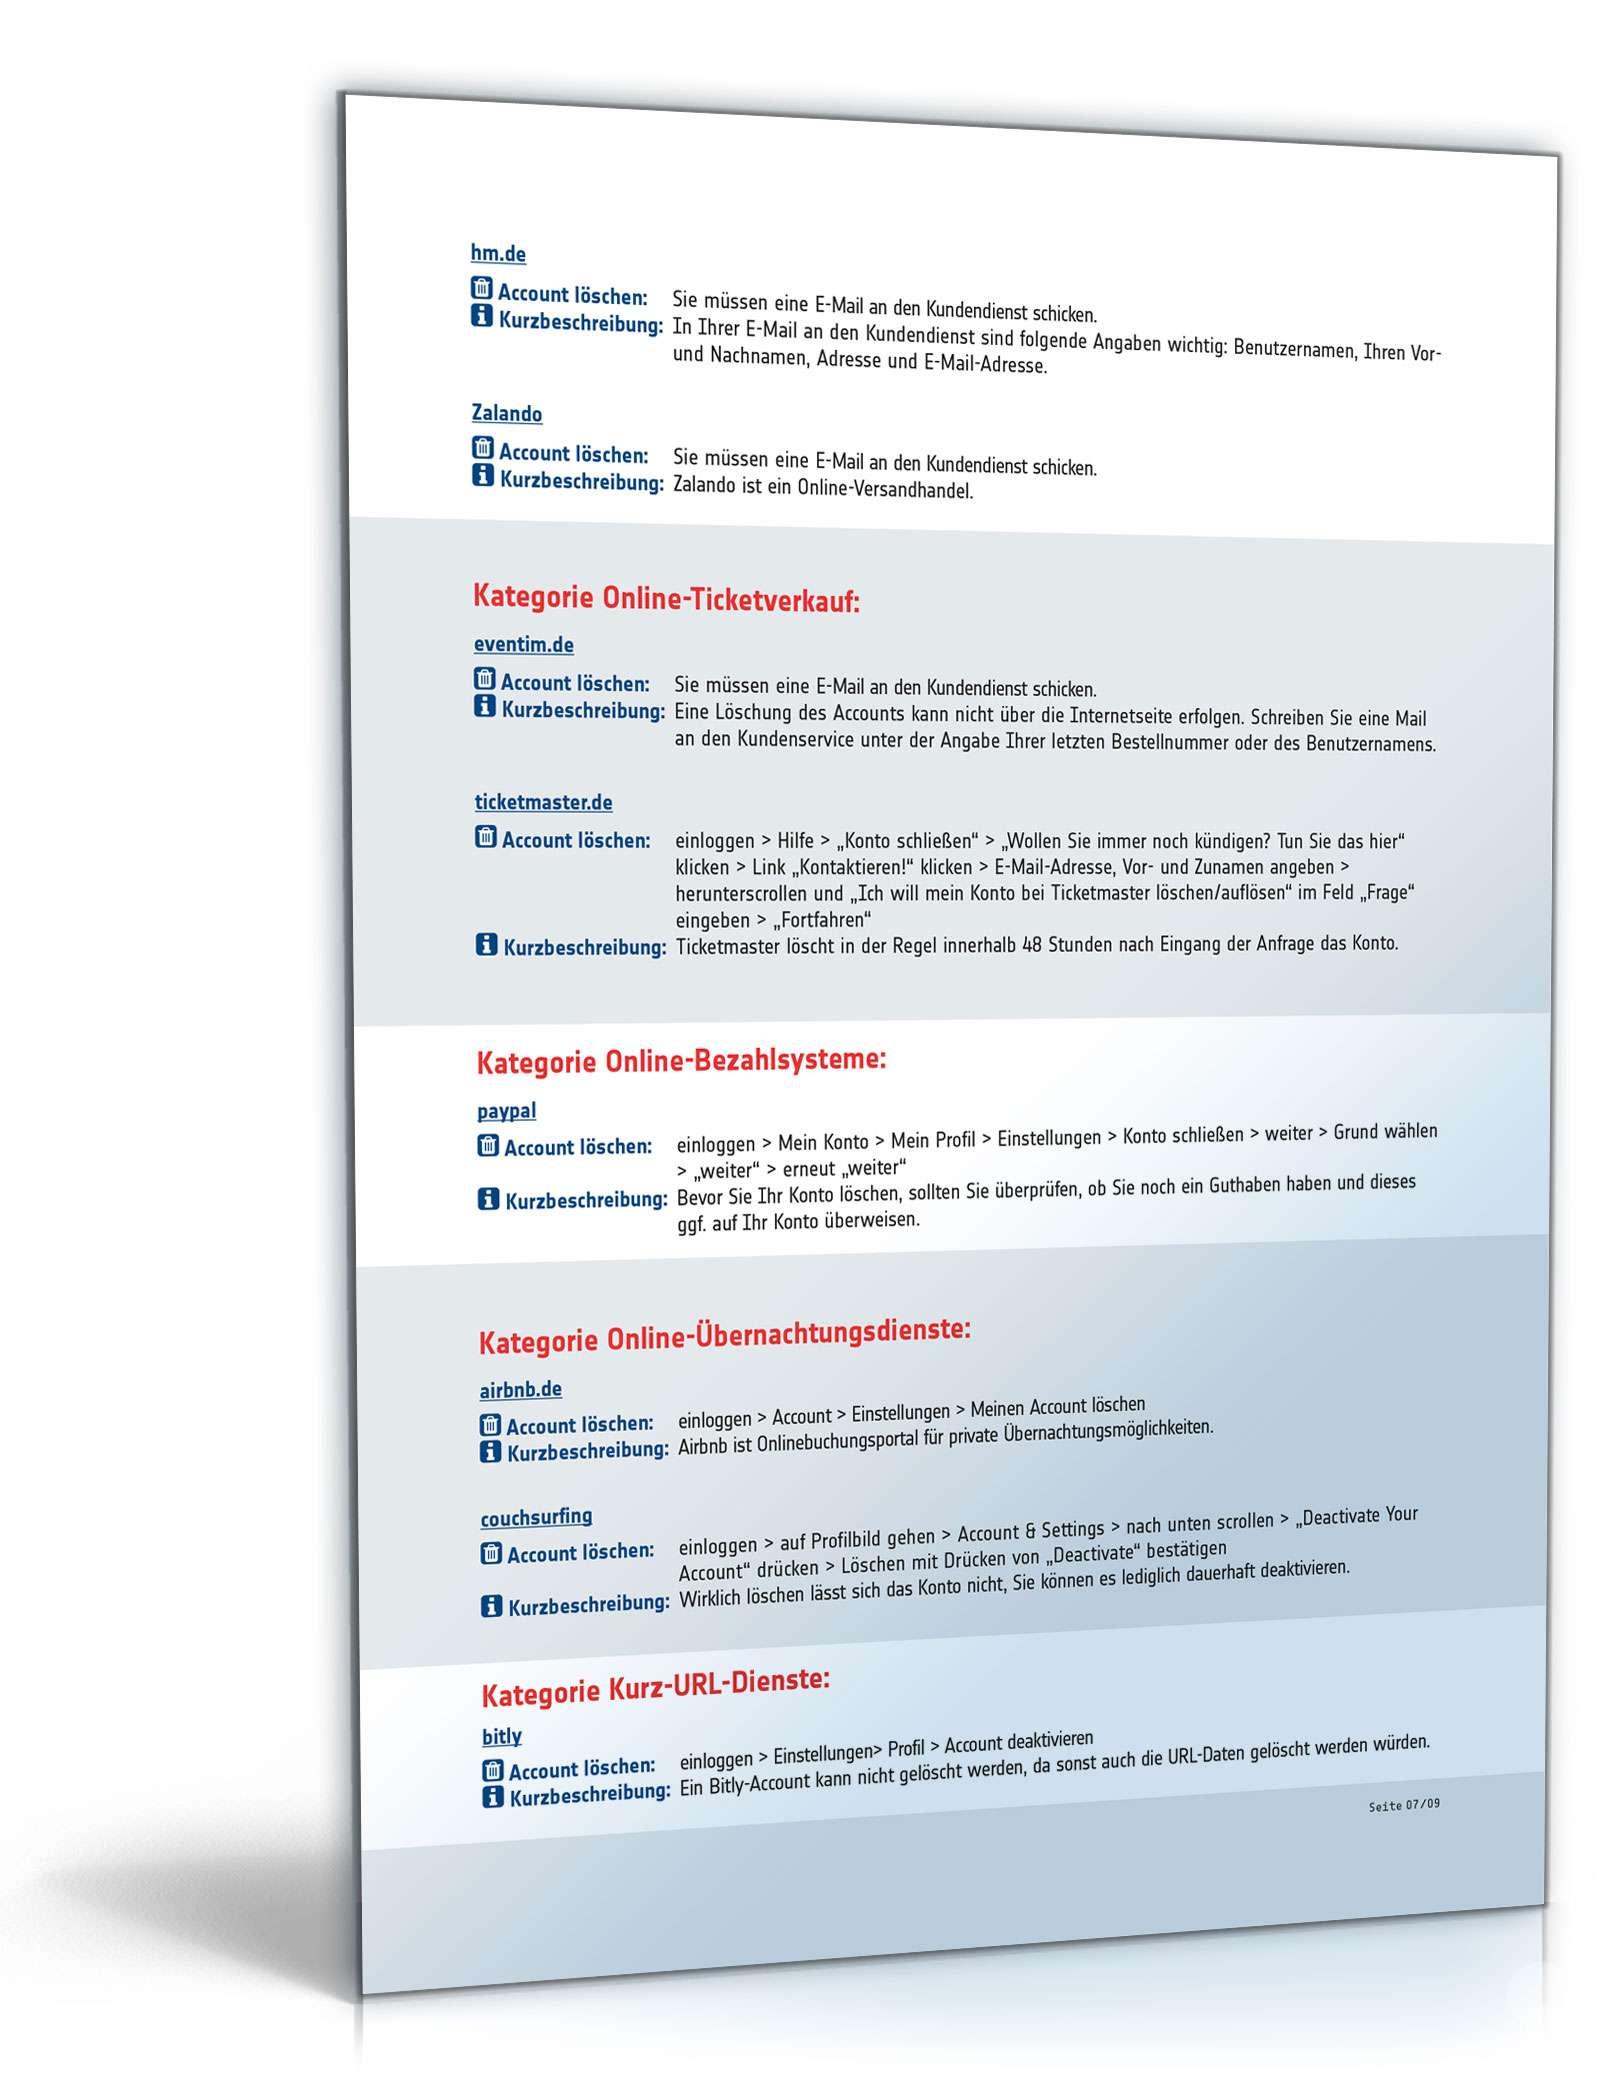 Online portale zum kennenlernen